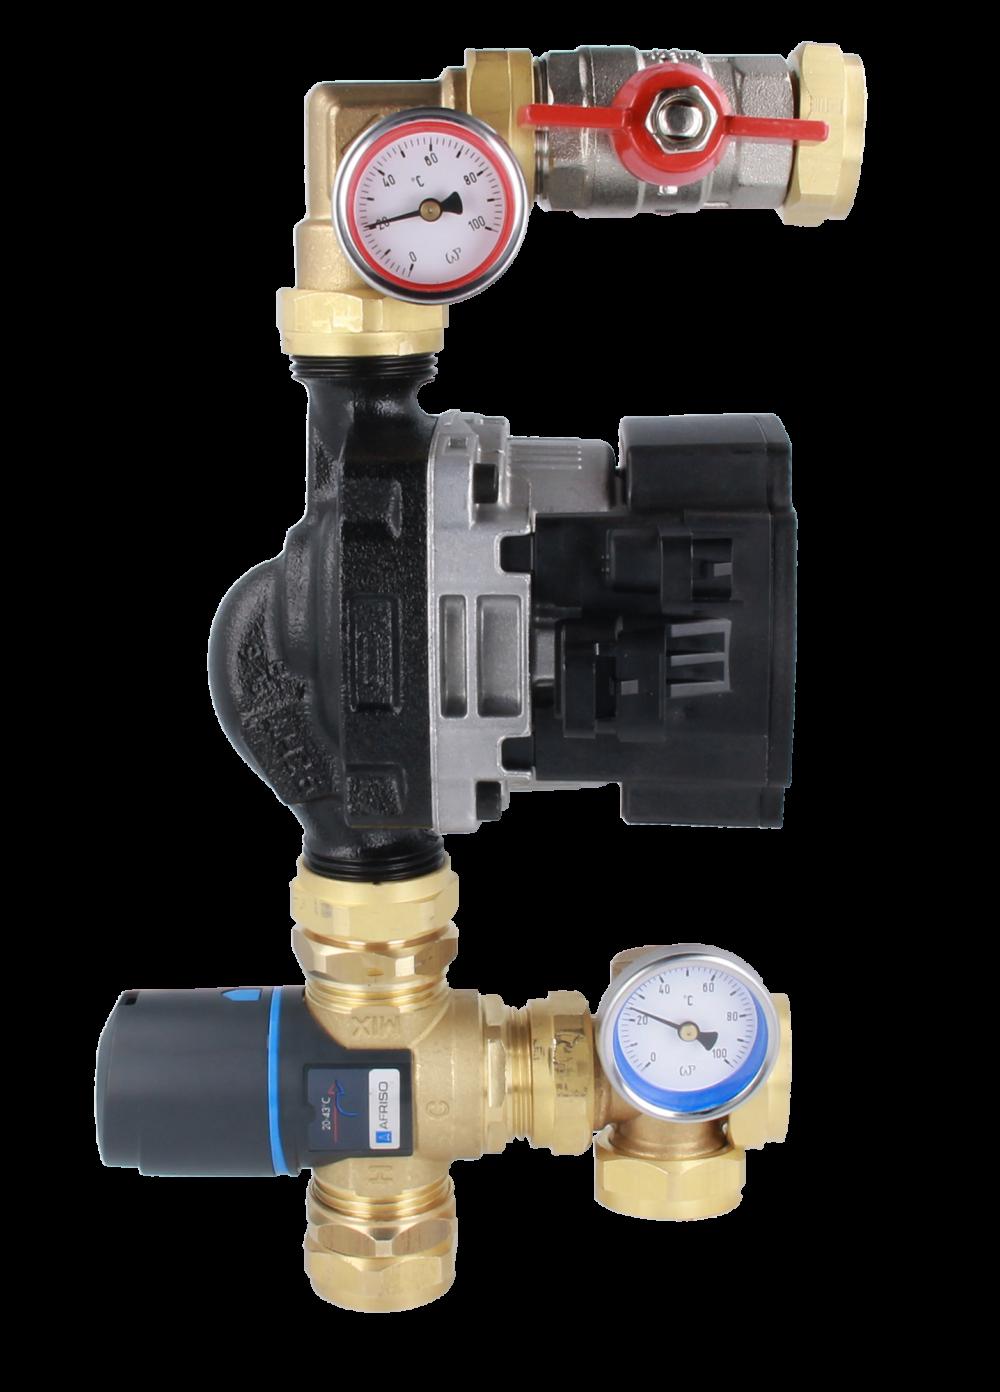 Отопления. Теплый водяной пол (беспроводное управление) (ZigBee) - 5